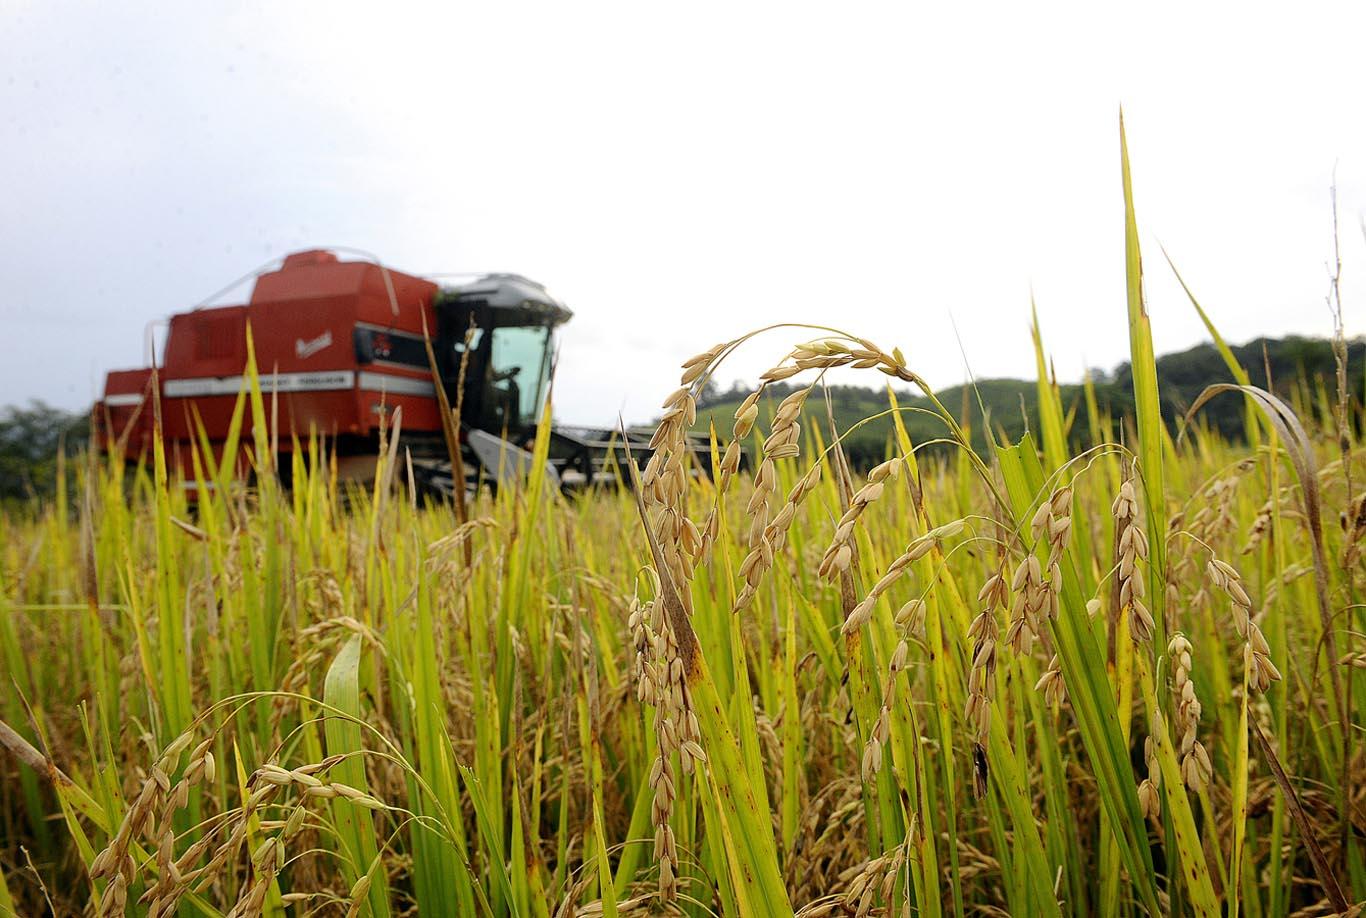 Depois da semeadura os agricultores precisam controlar as ervas daninhas com uso de herbicidas e continuam o processo de aduba o e controle de pragas e